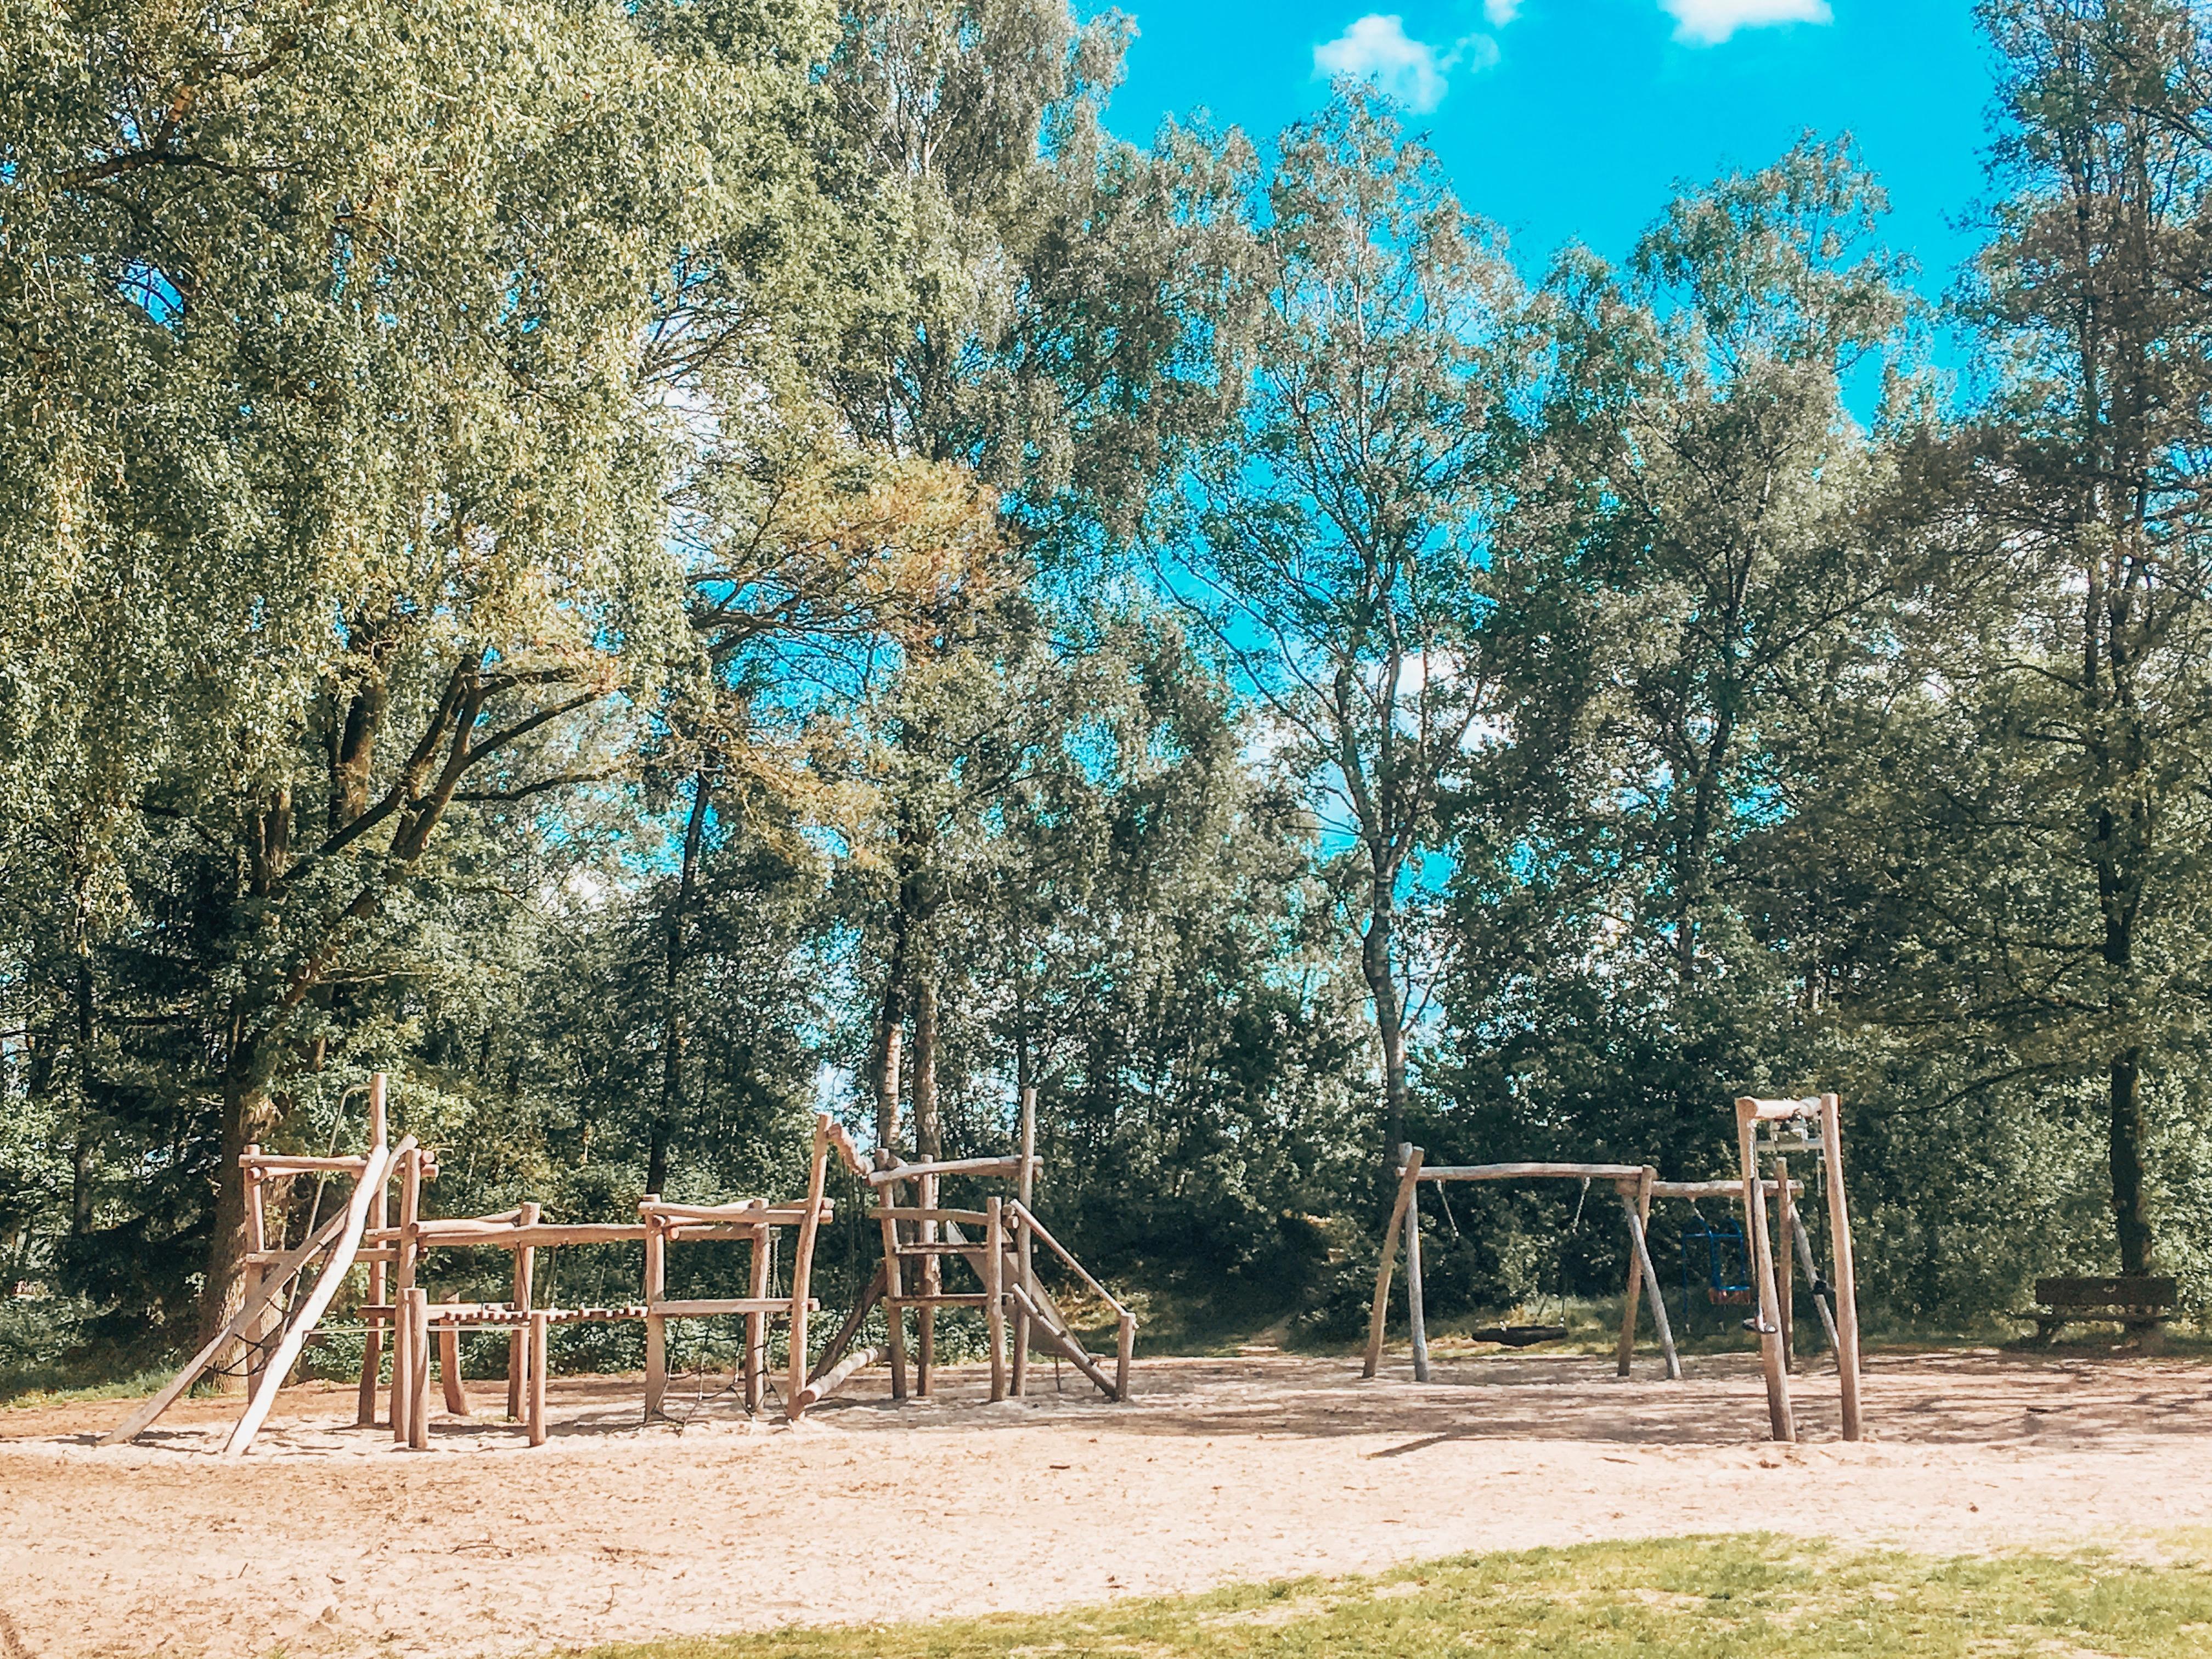 Park at Beekse Bergen Eurocamp parc in Holland